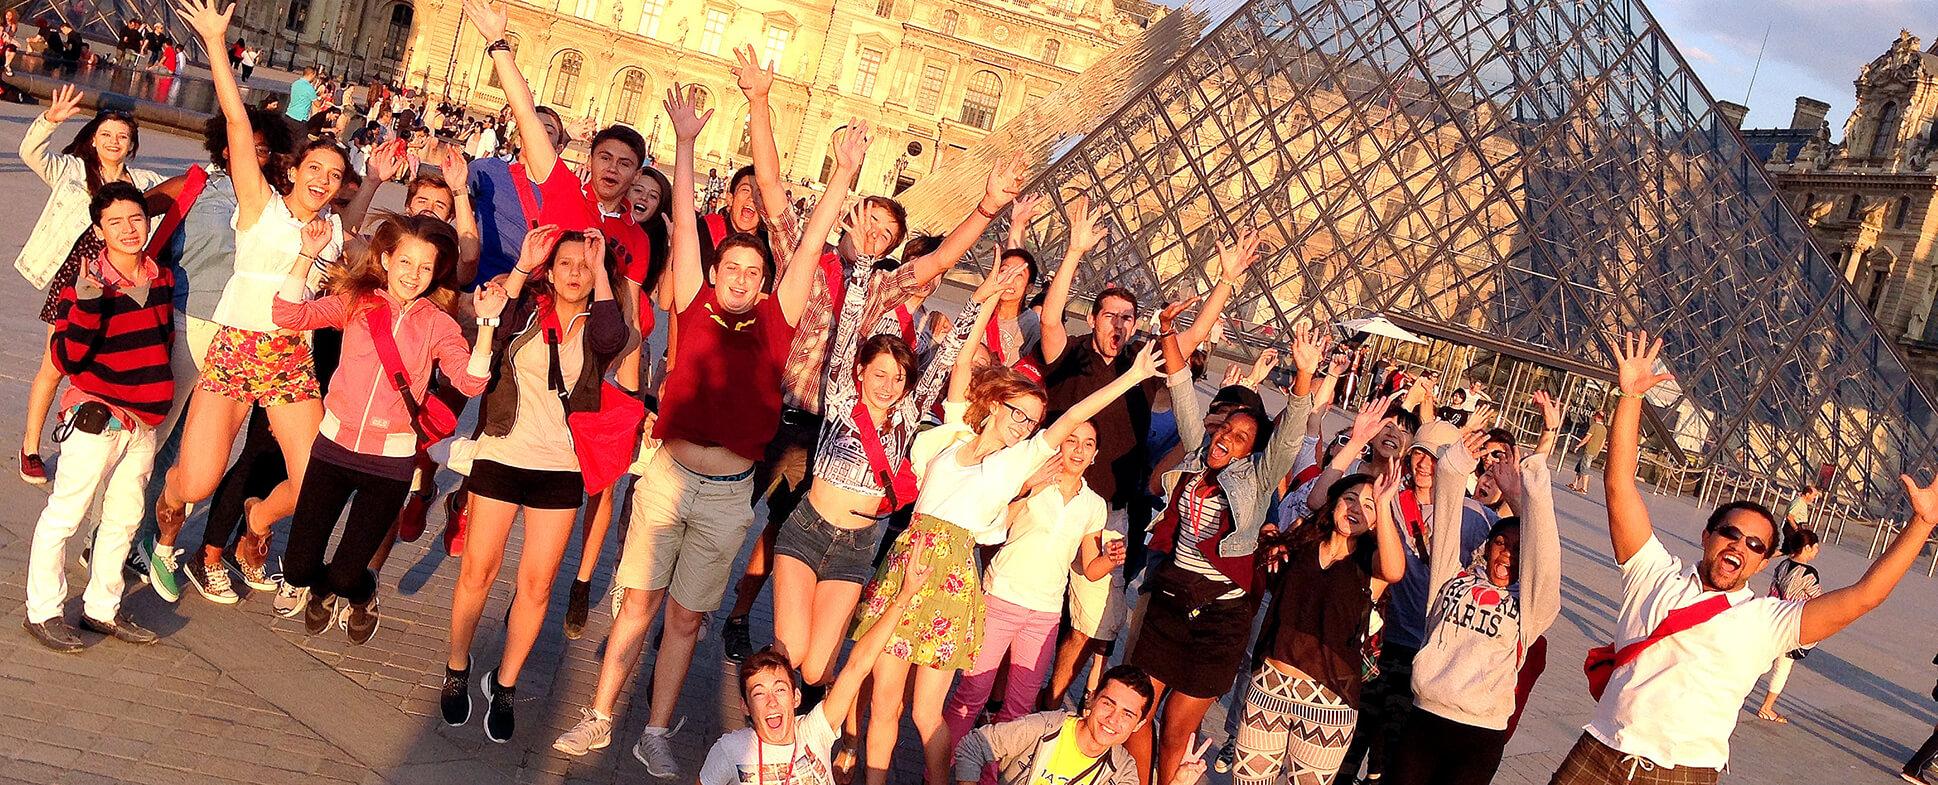 アコール|プログラムを選ぶ|小・中・高生のフランス留学|日仏文化 ...